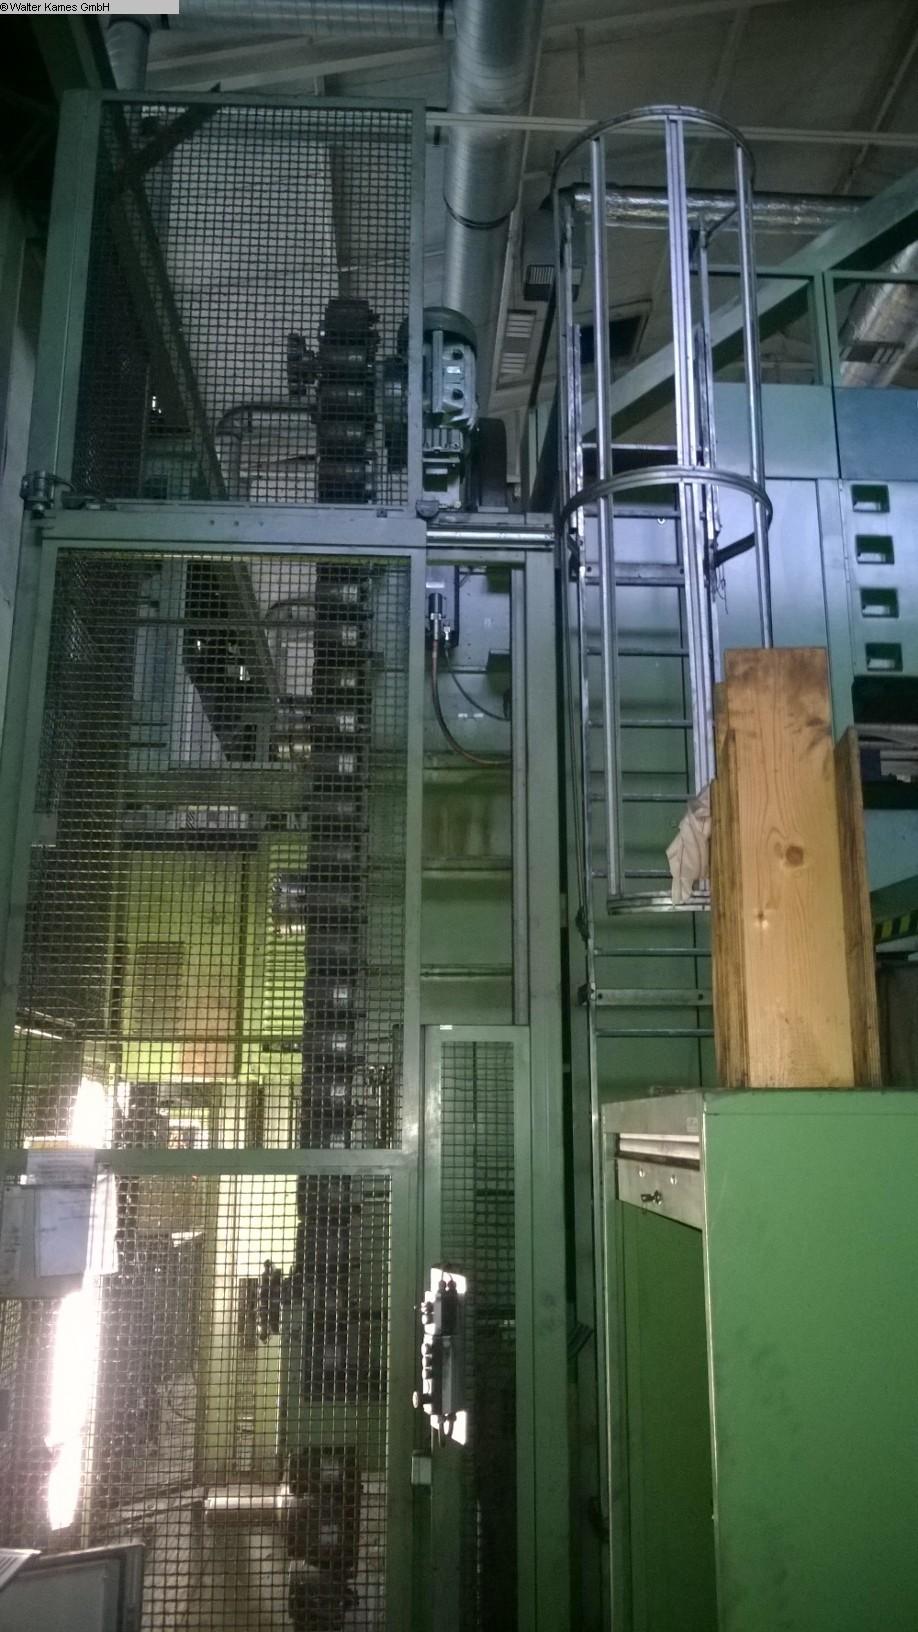 04_Maschinen-Foto_1004-09949